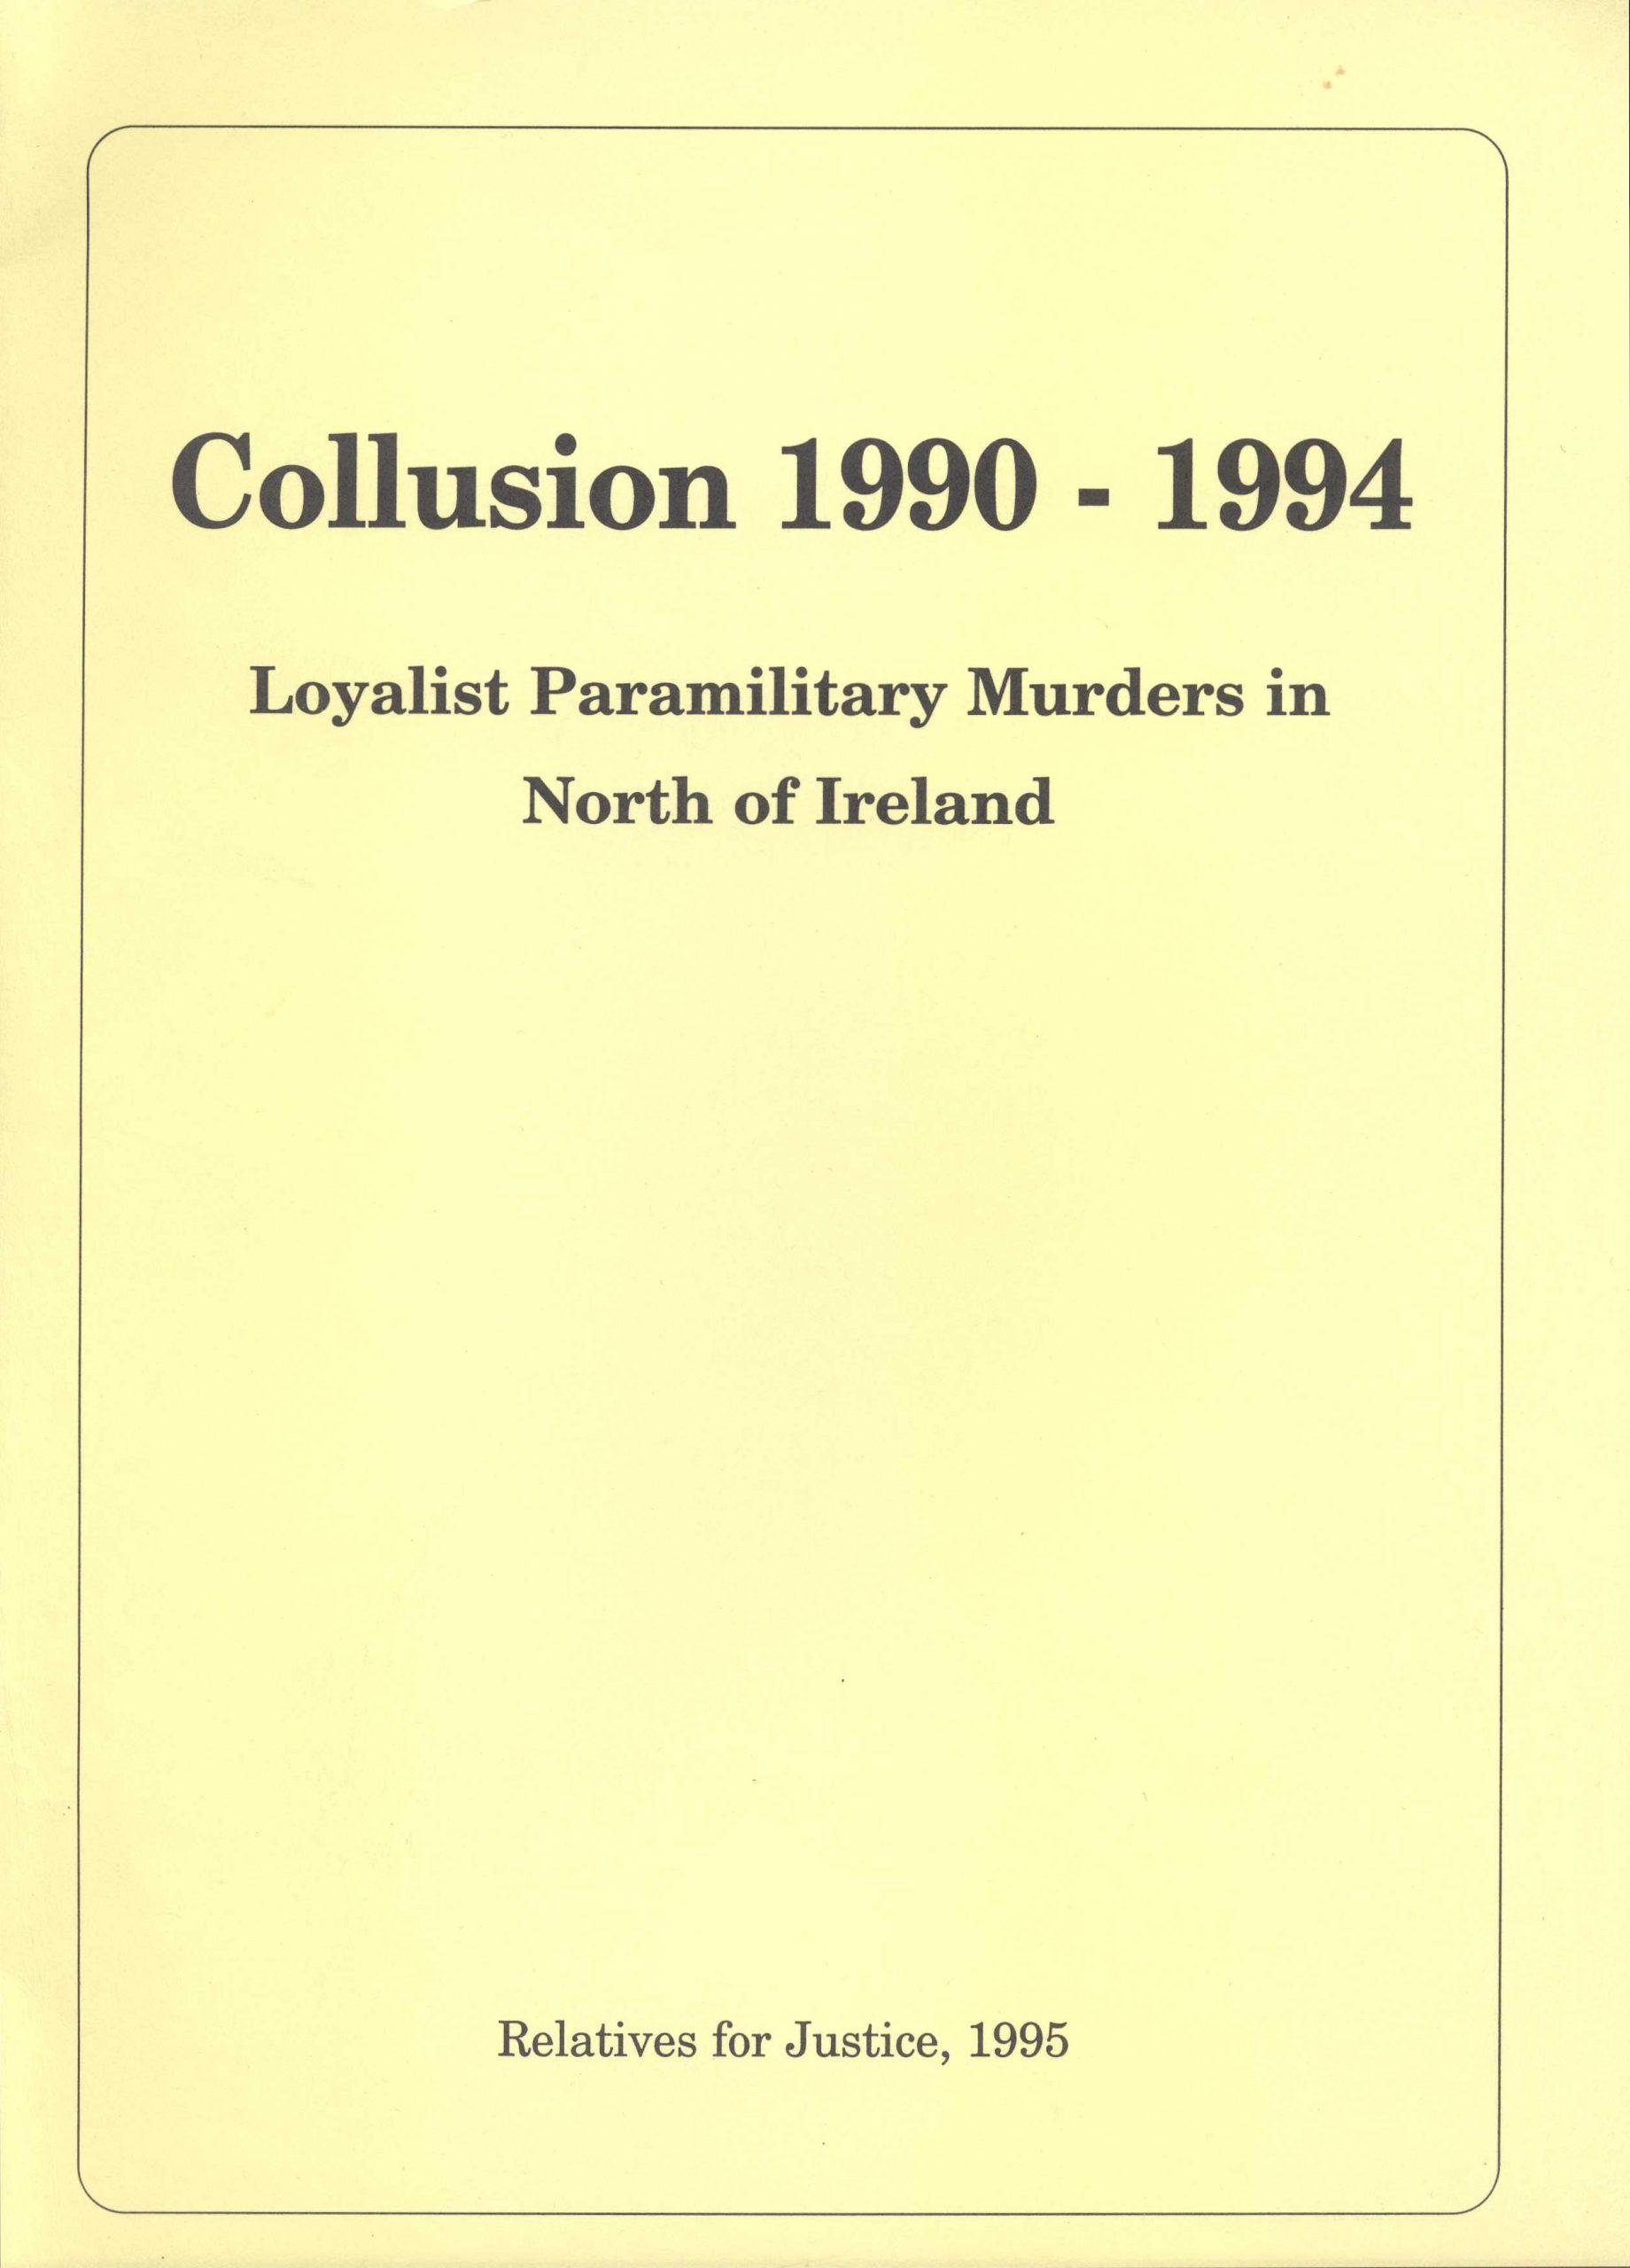 collusion 1990-19940001